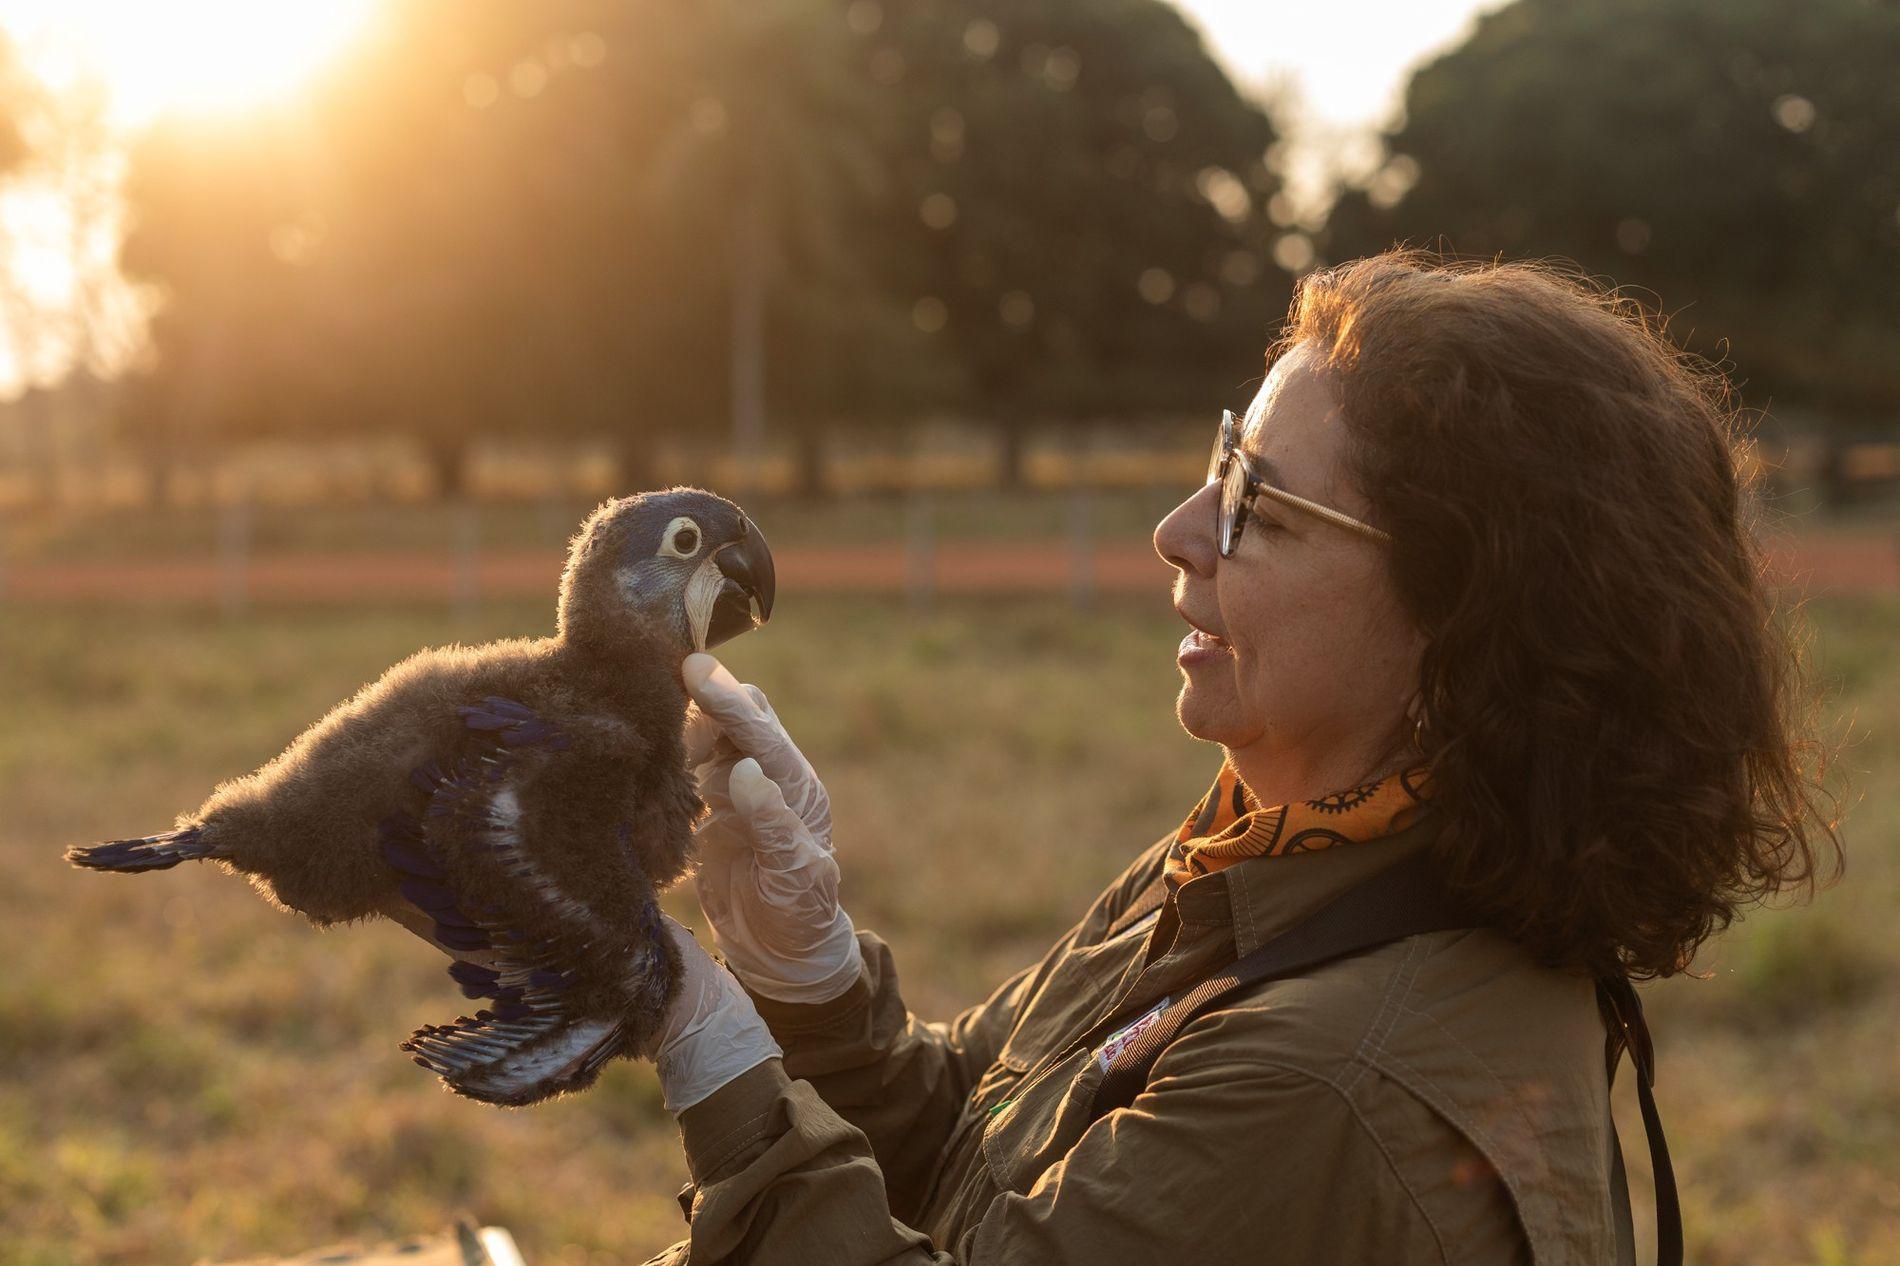 A bióloga Neiva Guedes avalia um filhote de arara-azul após coletar seus dados e amostras. Ela é presidente do Instituto Arara-azul – que trabalha na conservação da espécie há mais de 30 anos – e conhece como poucos os desafios para proteger uma das aves mais emblemáticas do Brasil.